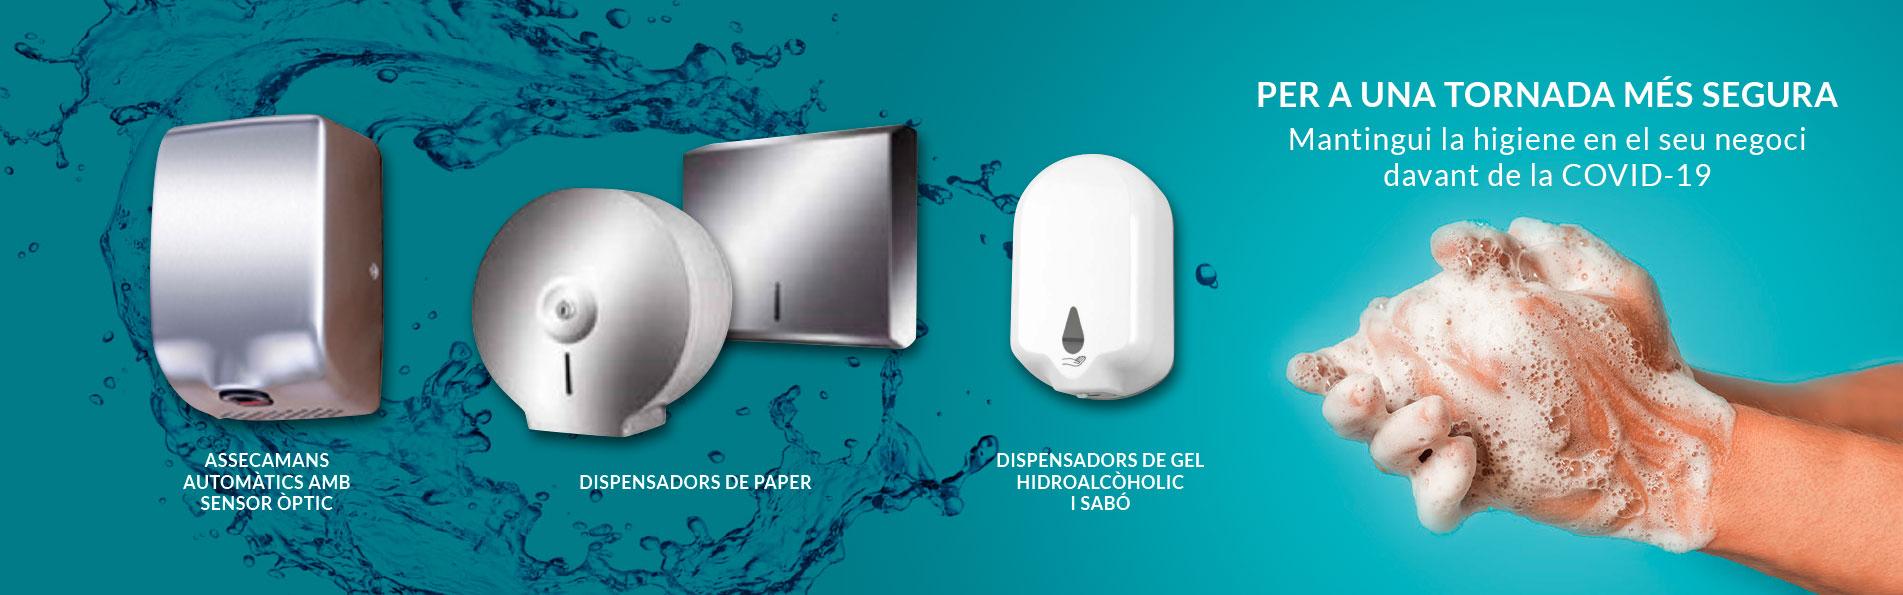 2020-slider-1903x595-higiene_CAT